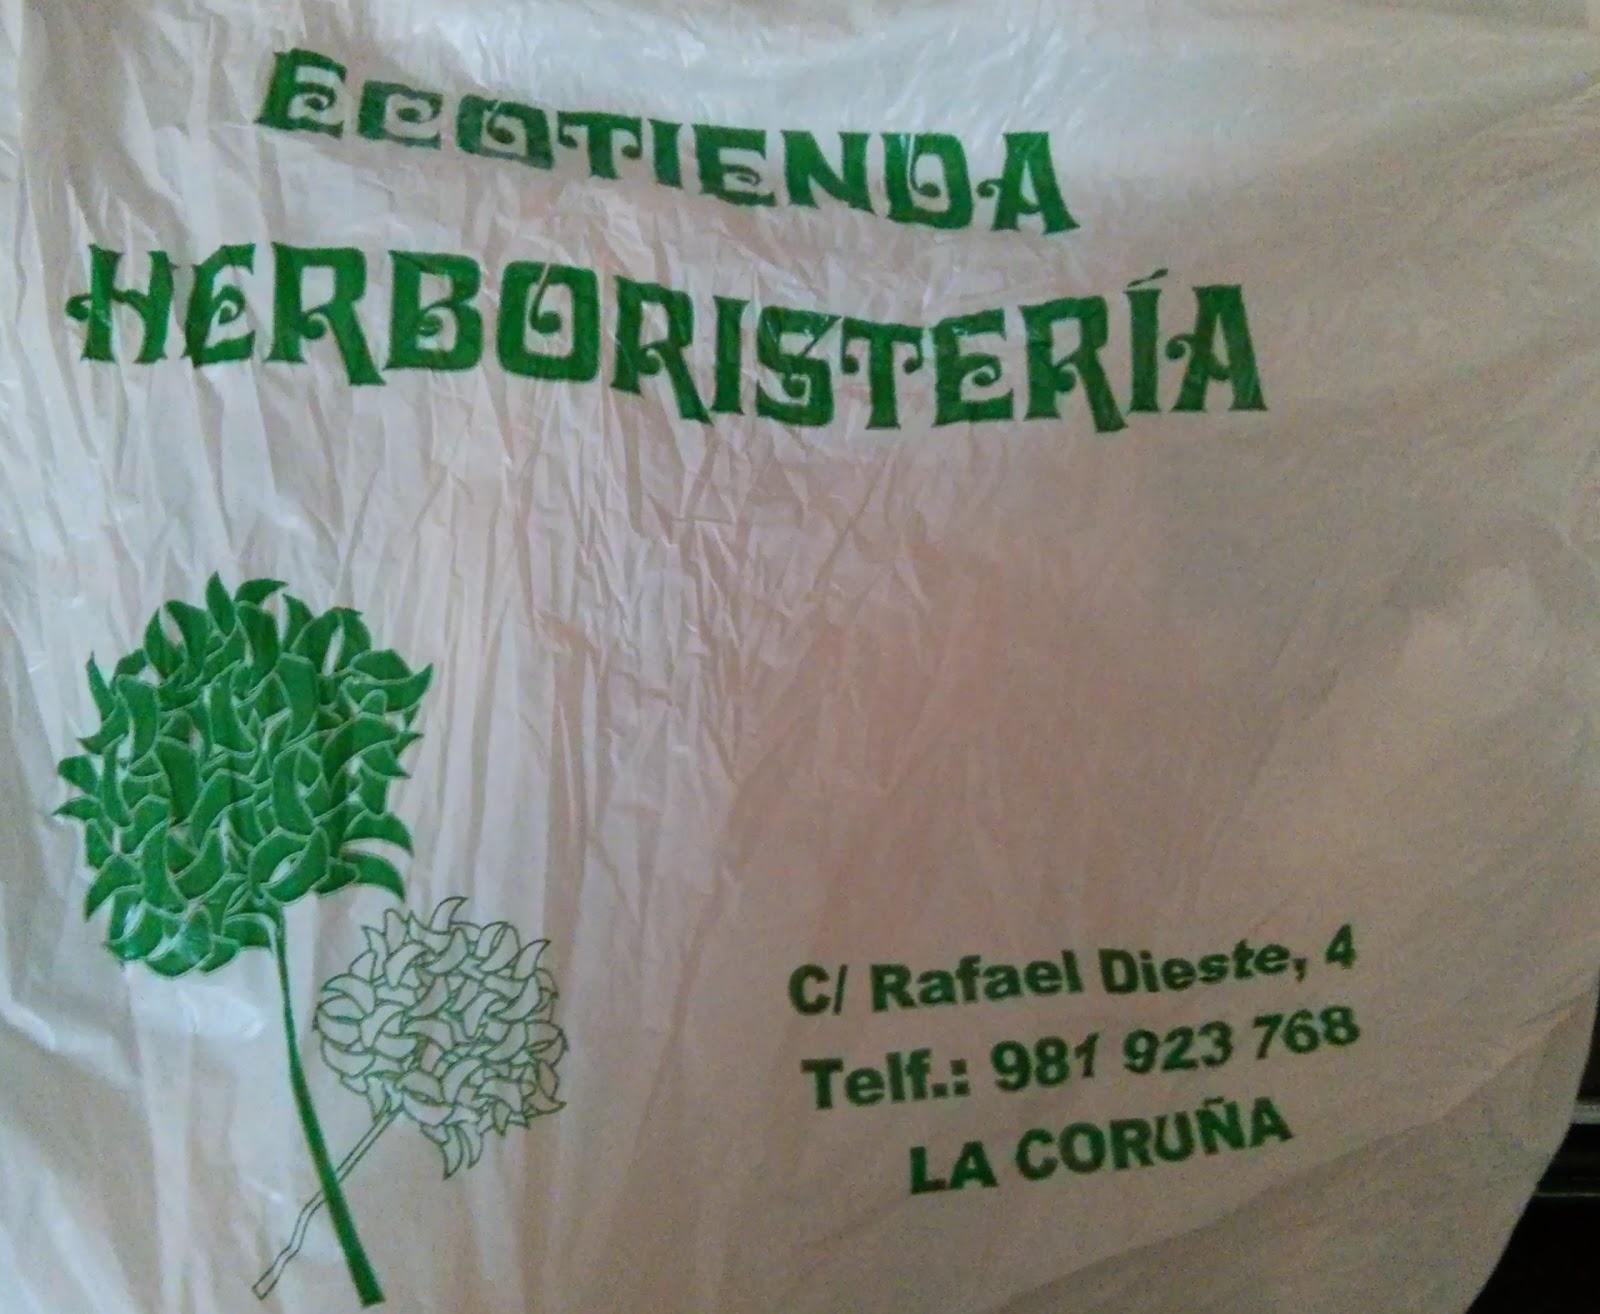 Ecotienda Herboristeria tienda ecologica a coruña